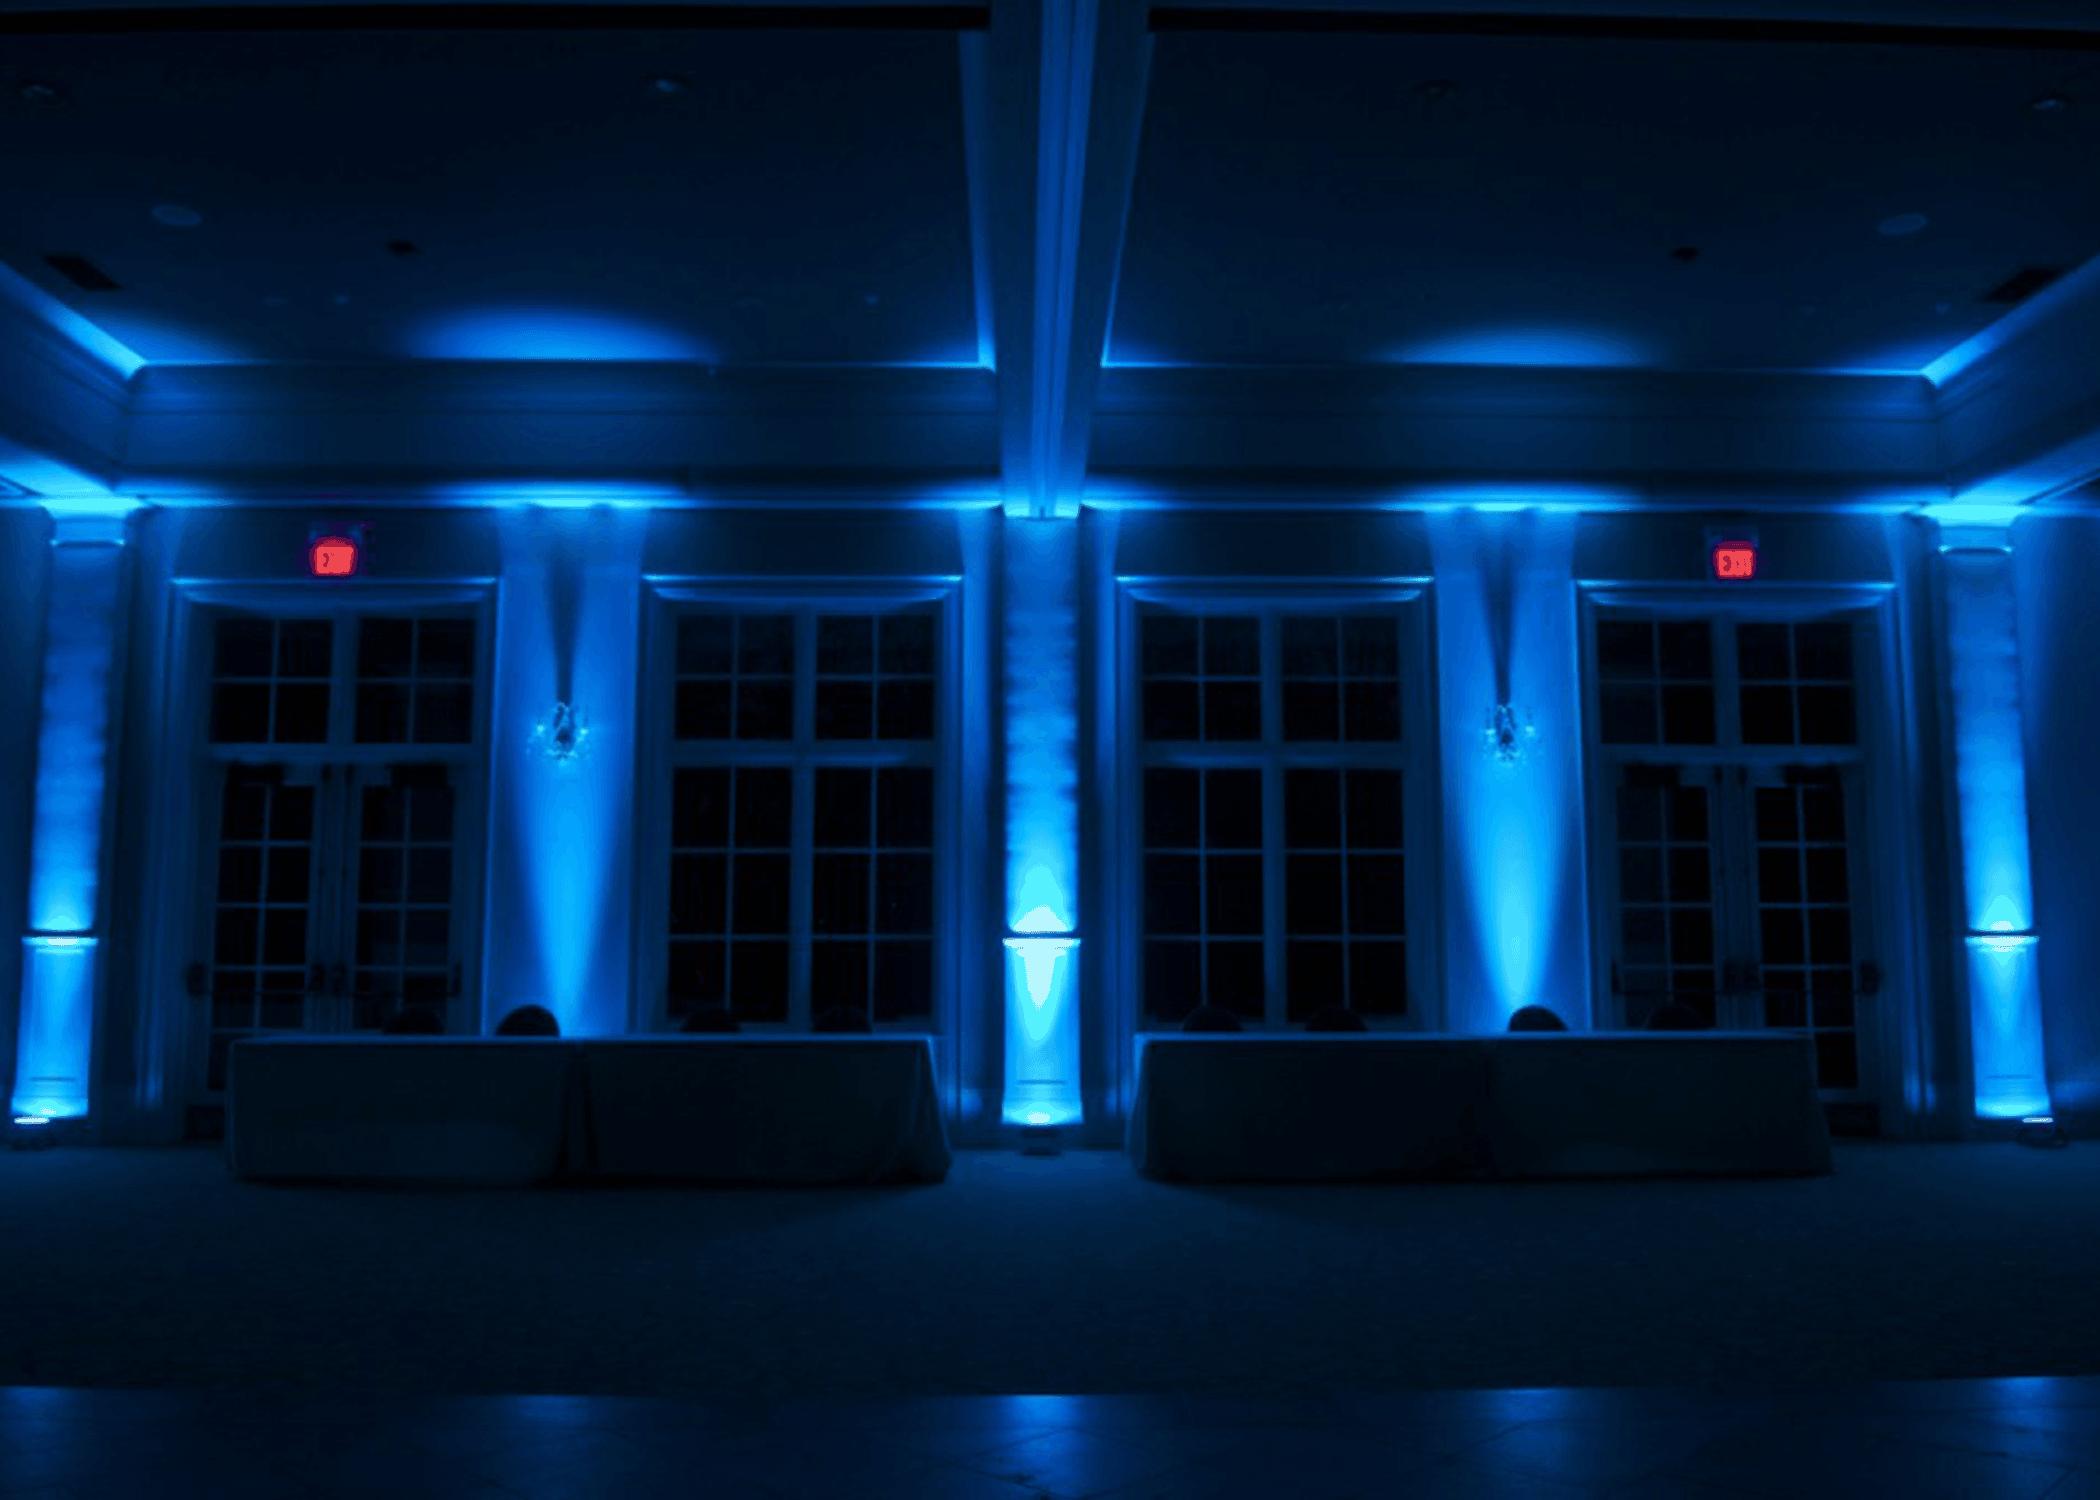 uplights-blue